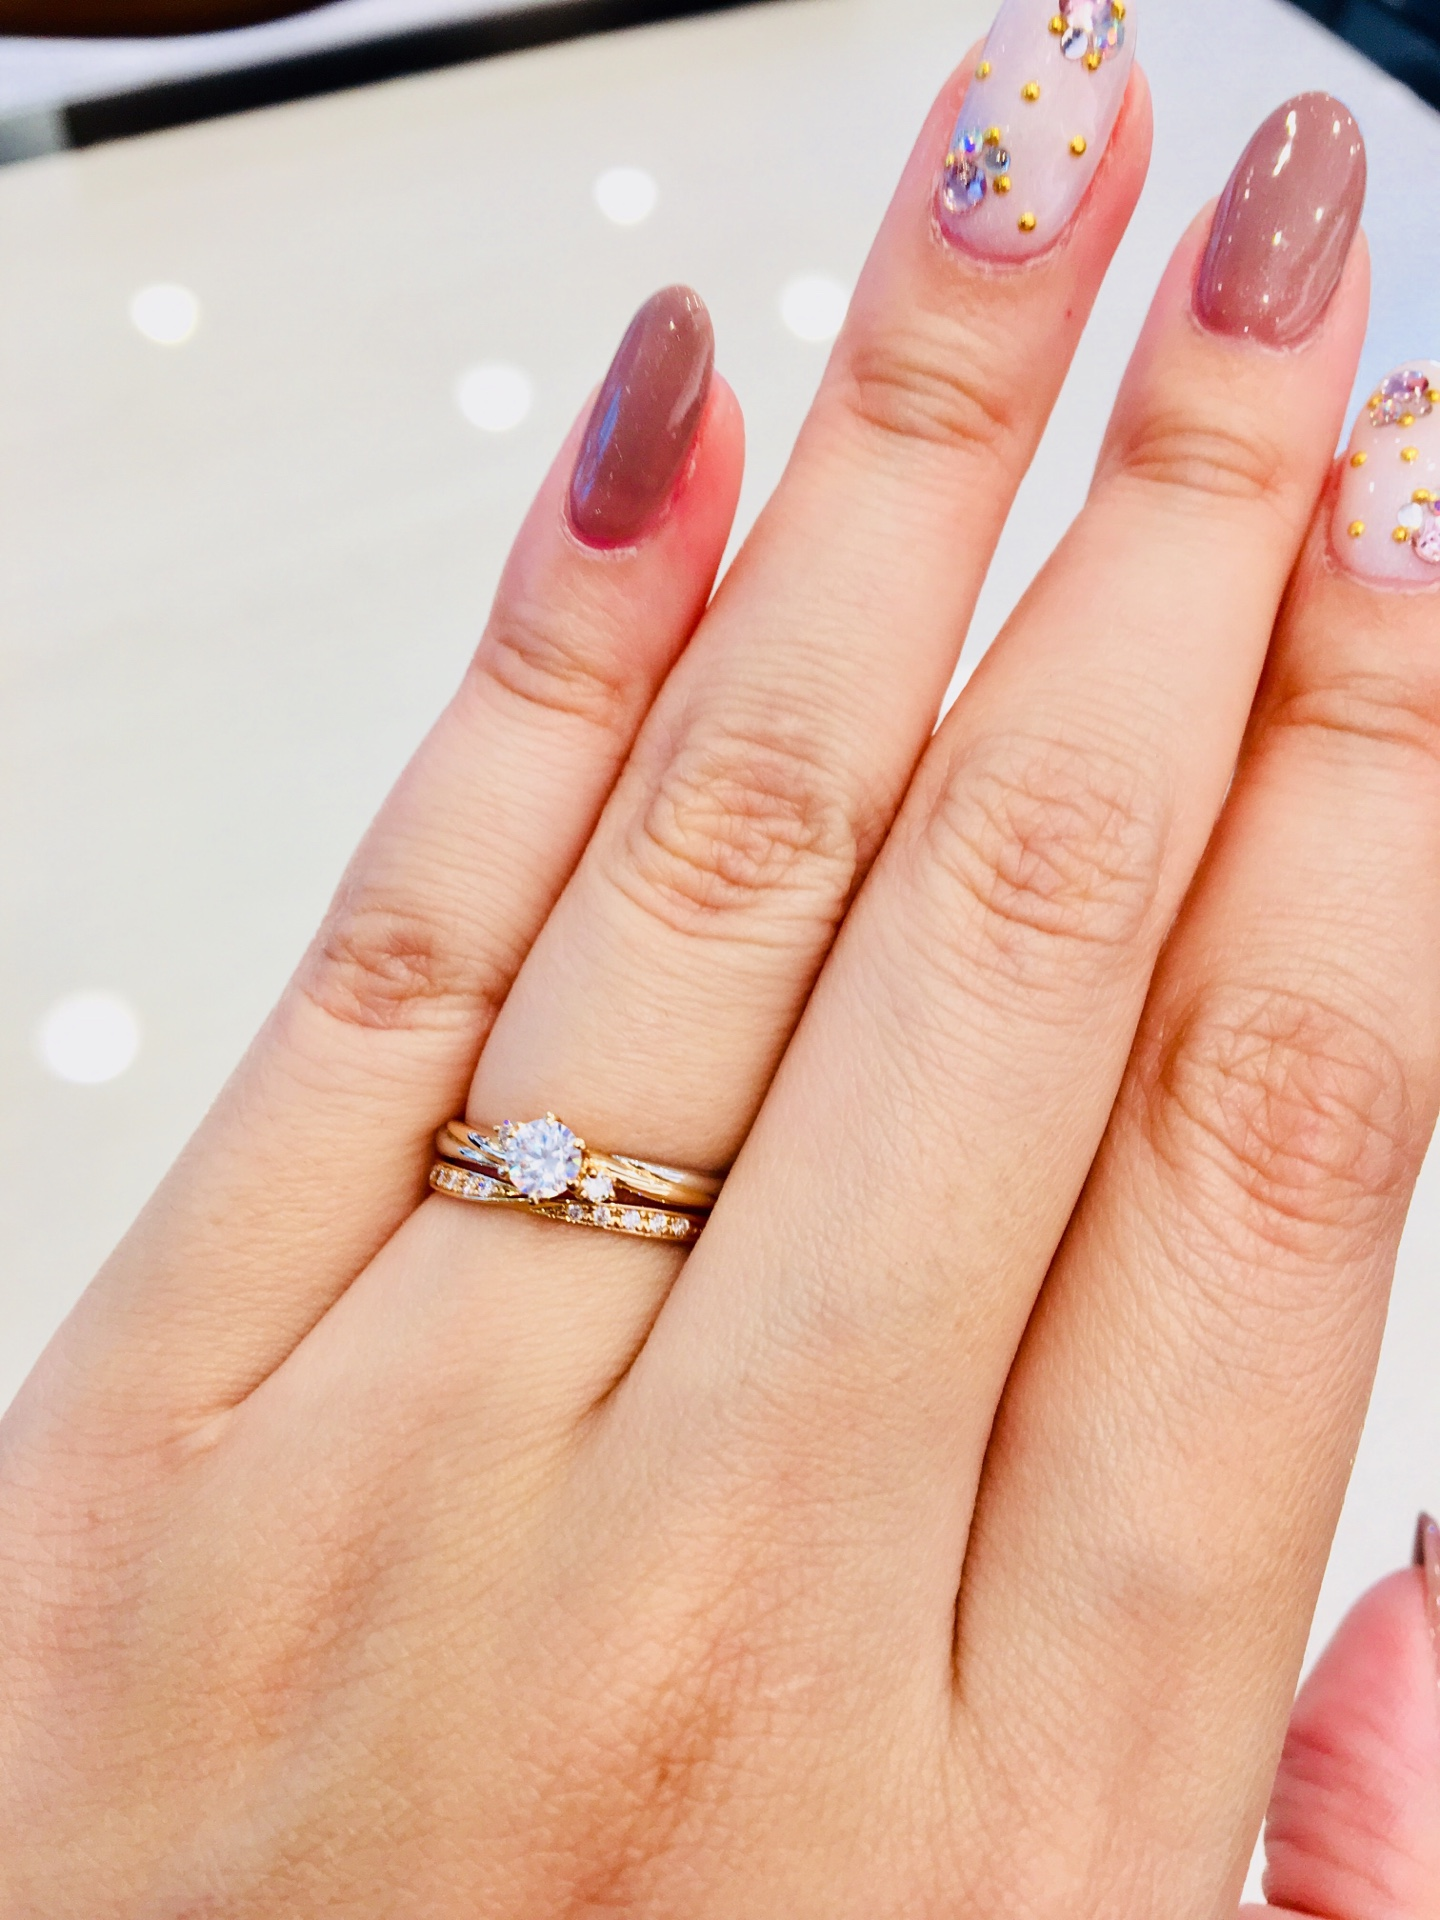 ダイヤモンドラインが綺麗な結婚指輪と大人可愛い婚約指輪の組み合わせ